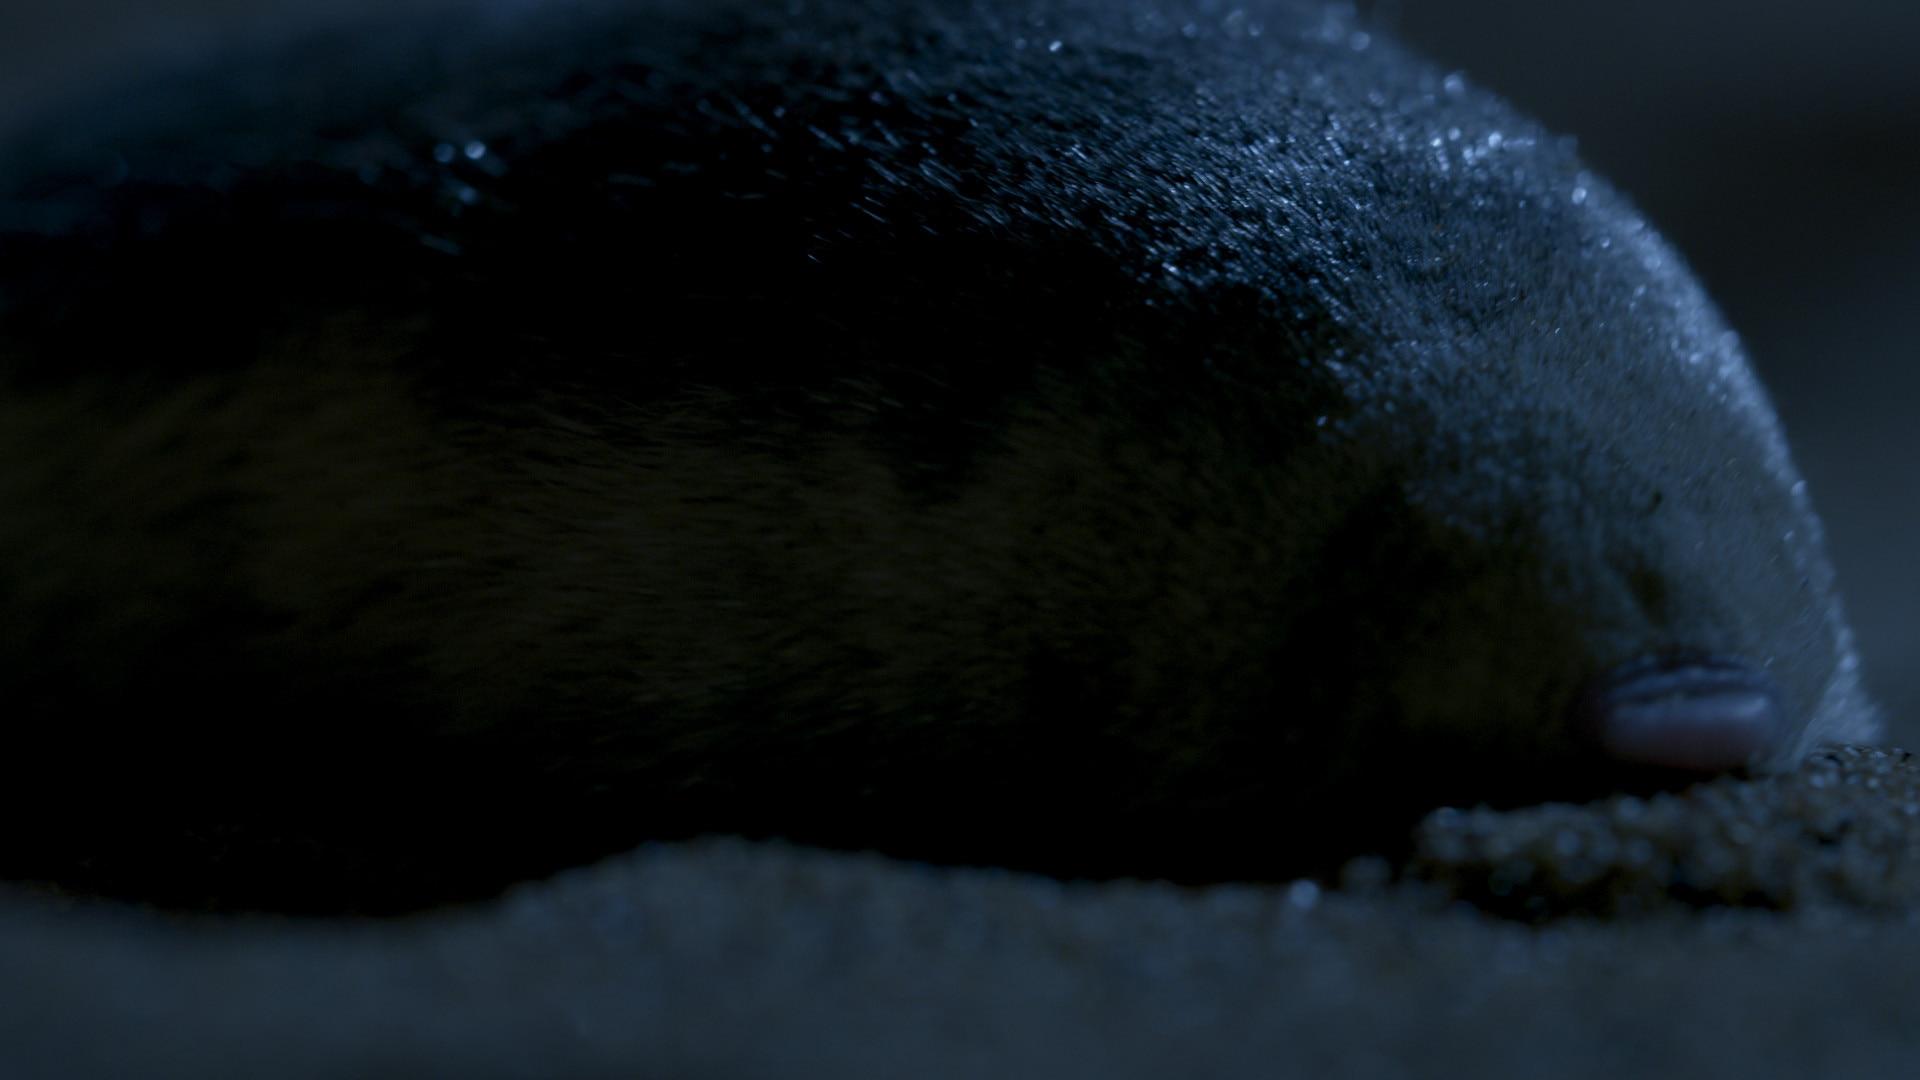 Golden mole in the desert